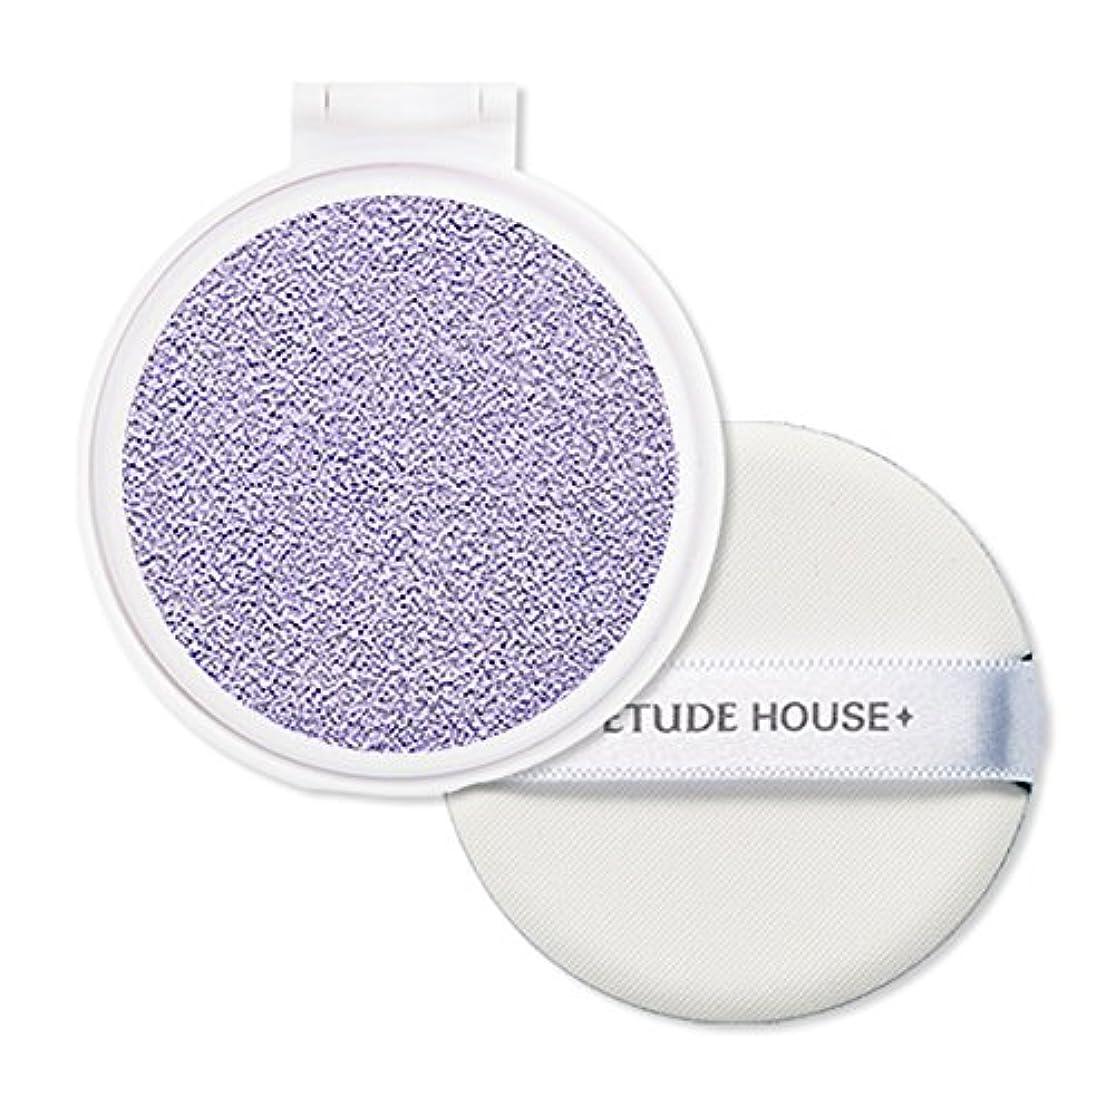 メダルトレード定義するエチュードハウス(ETUDE HOUSE) エニークッション カラーコレクター レフィル Lavender